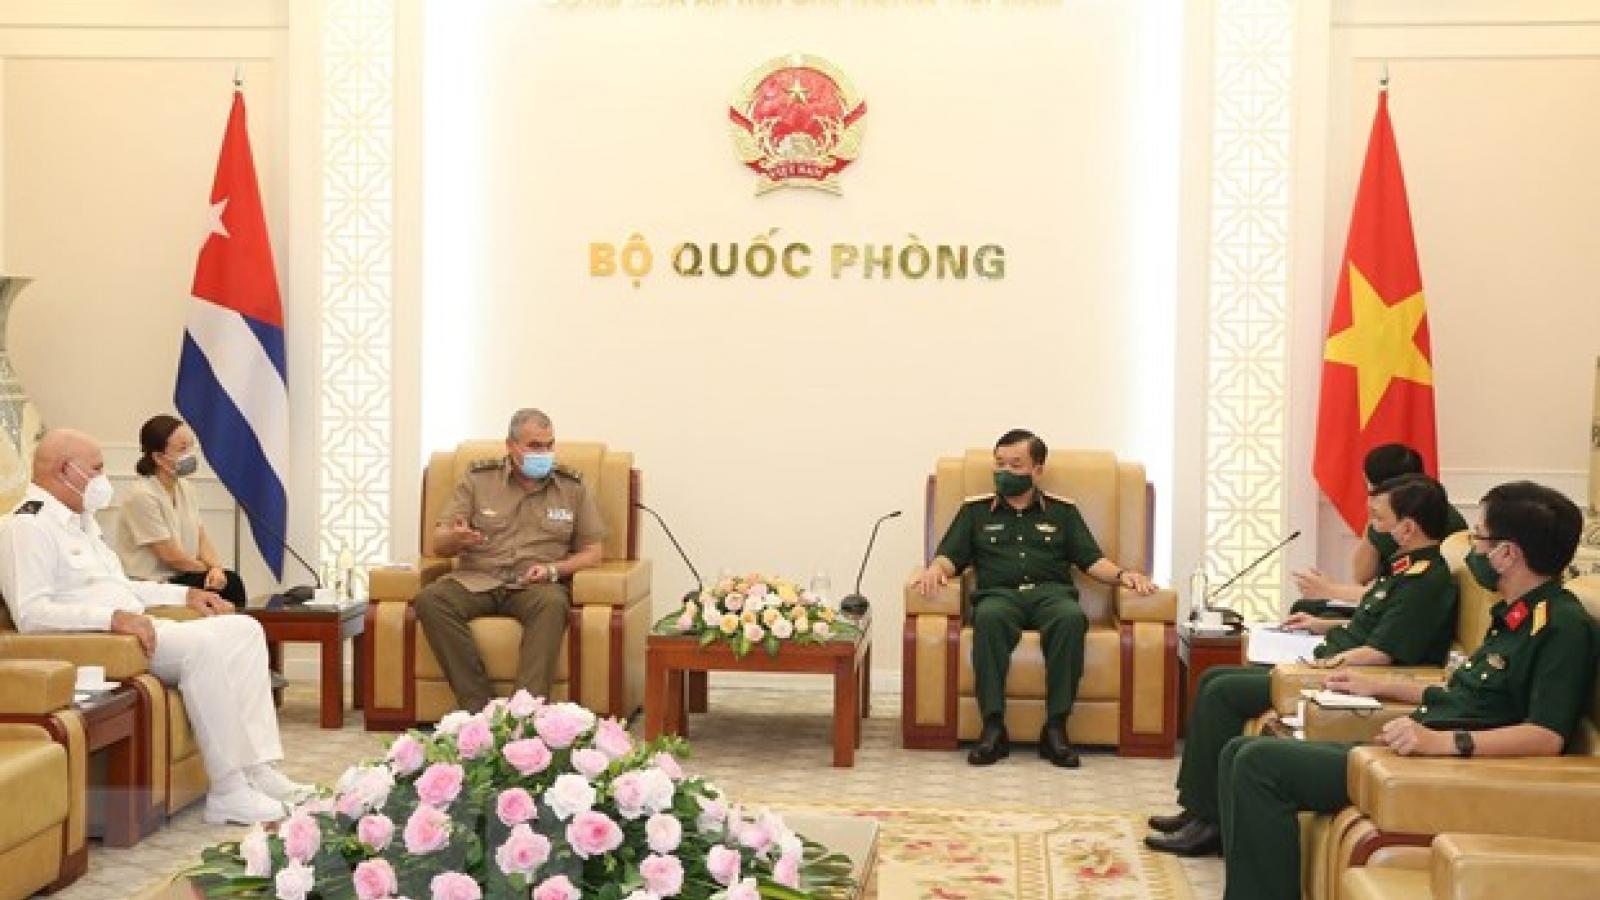 Bộ Quốc phòng Việt Nam tặng Cuba thiết bị, vật tư y tế phòng, chống dịch